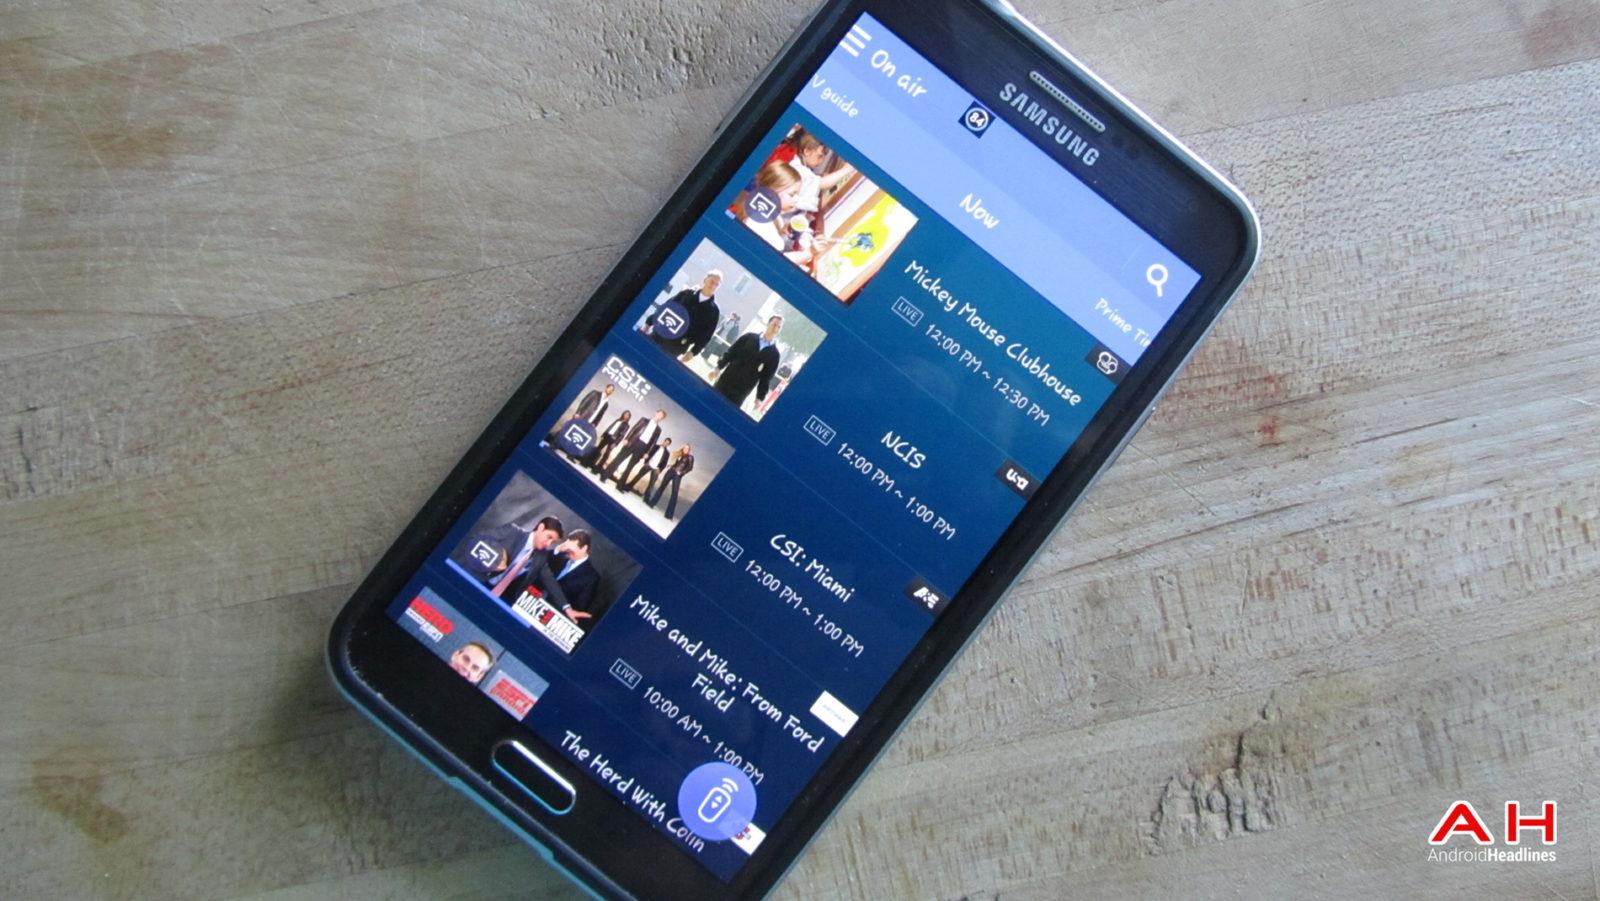 Samsung WatchOn Plus AH